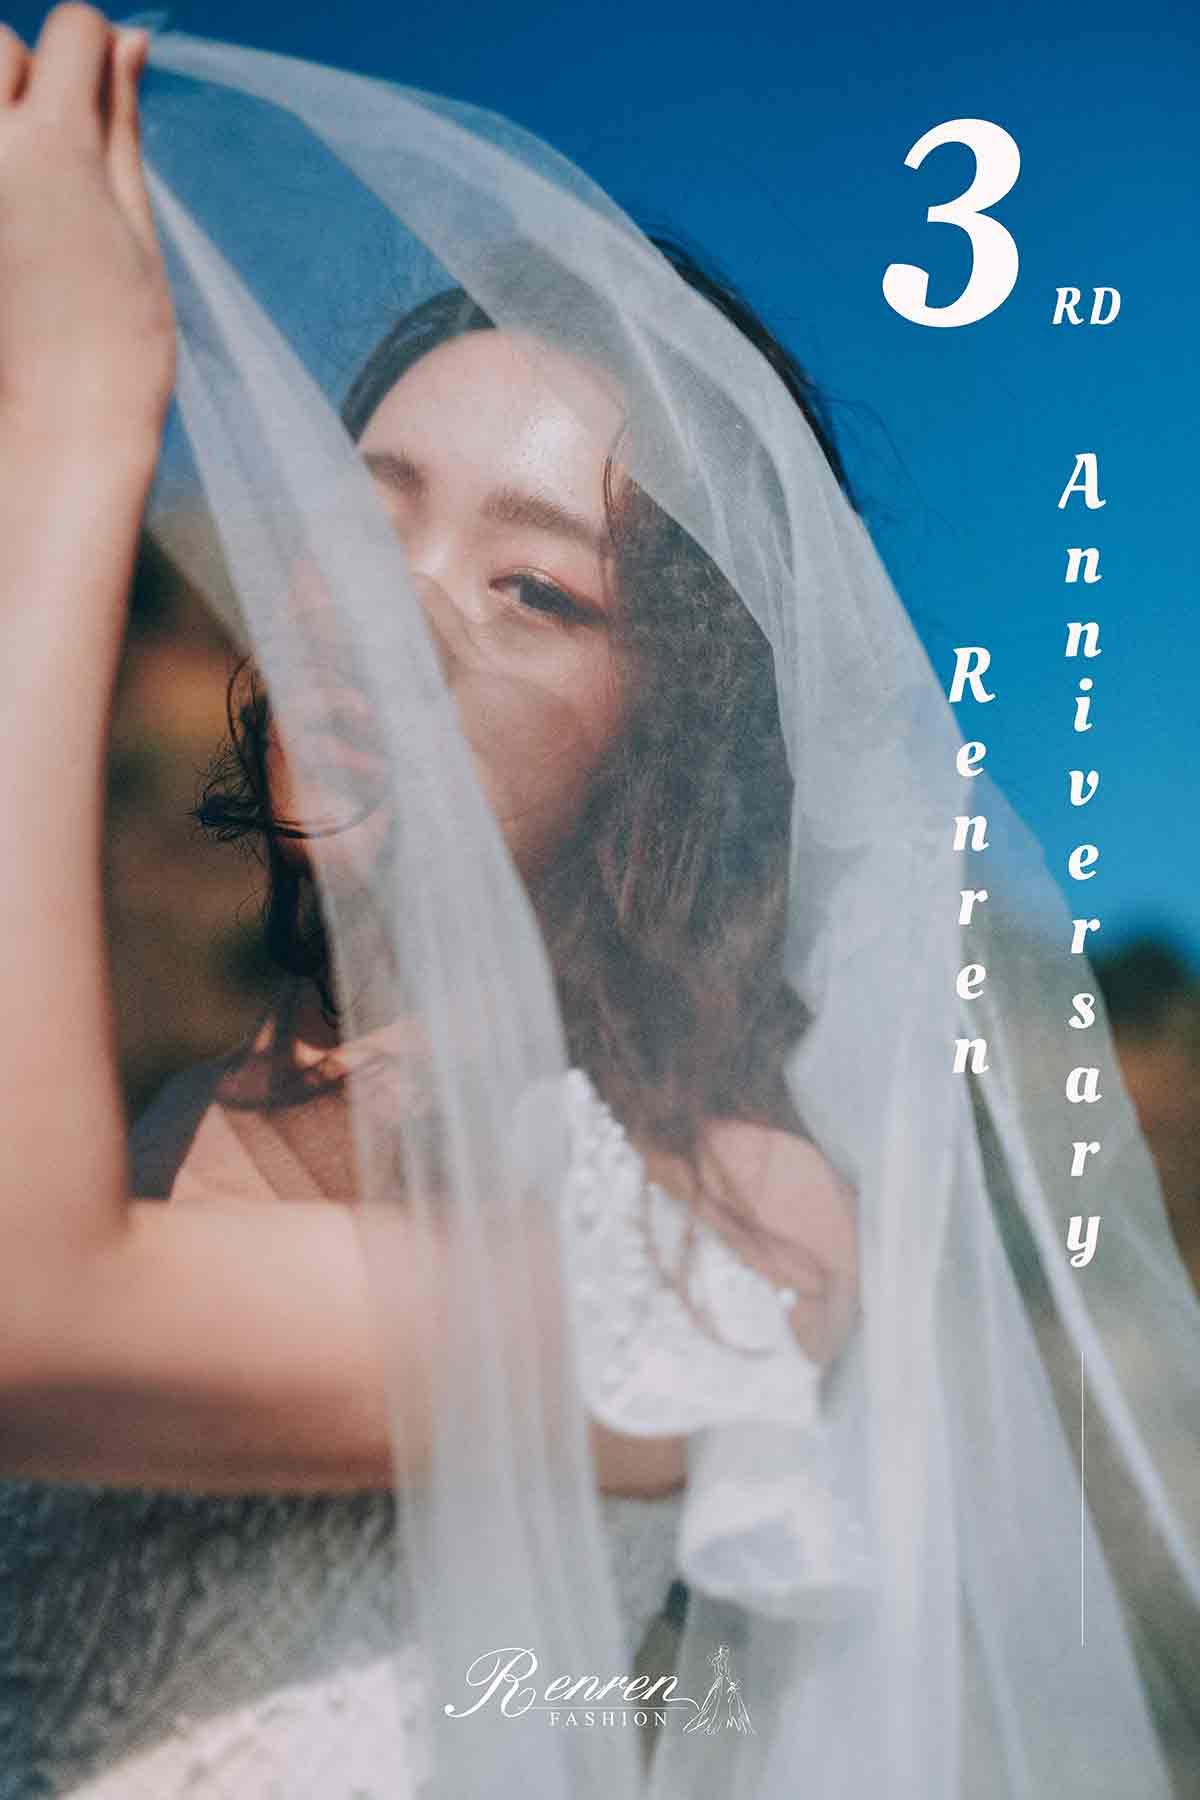 冉冉-三週年慶-婚紗優惠活動